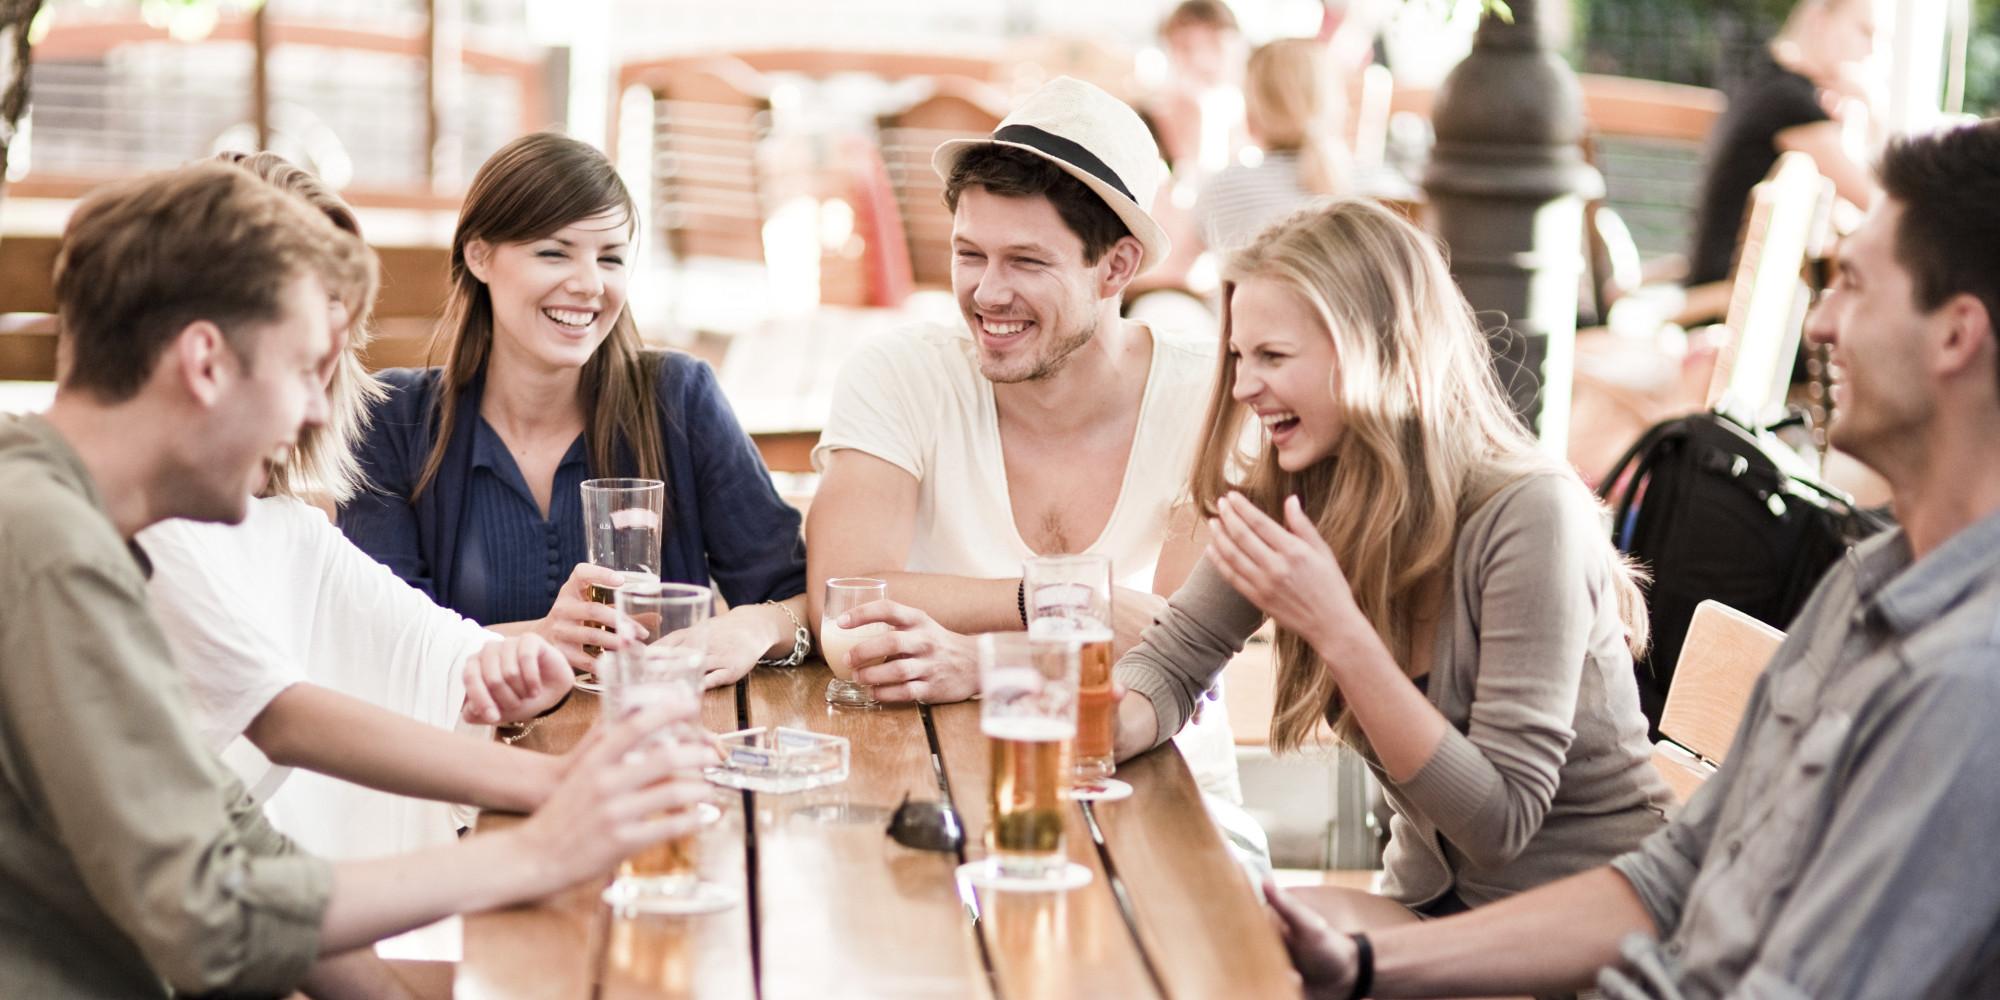 amigos bebiendo felices